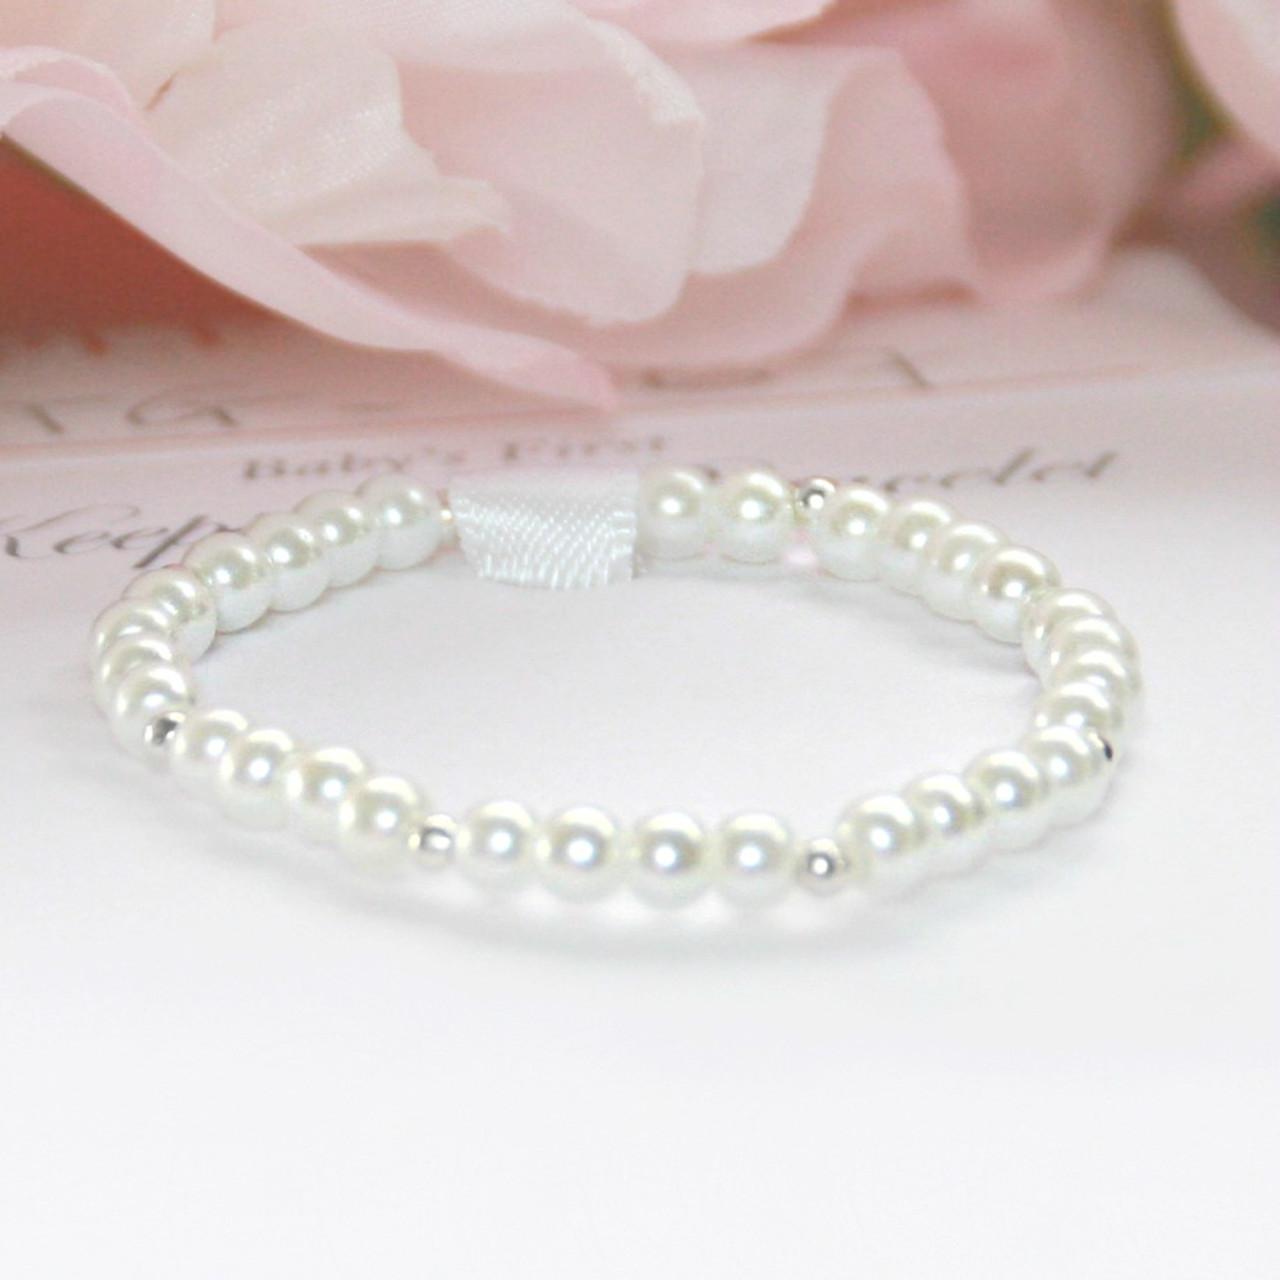 STG-167  Pearls and Sterling Infant Bracelet